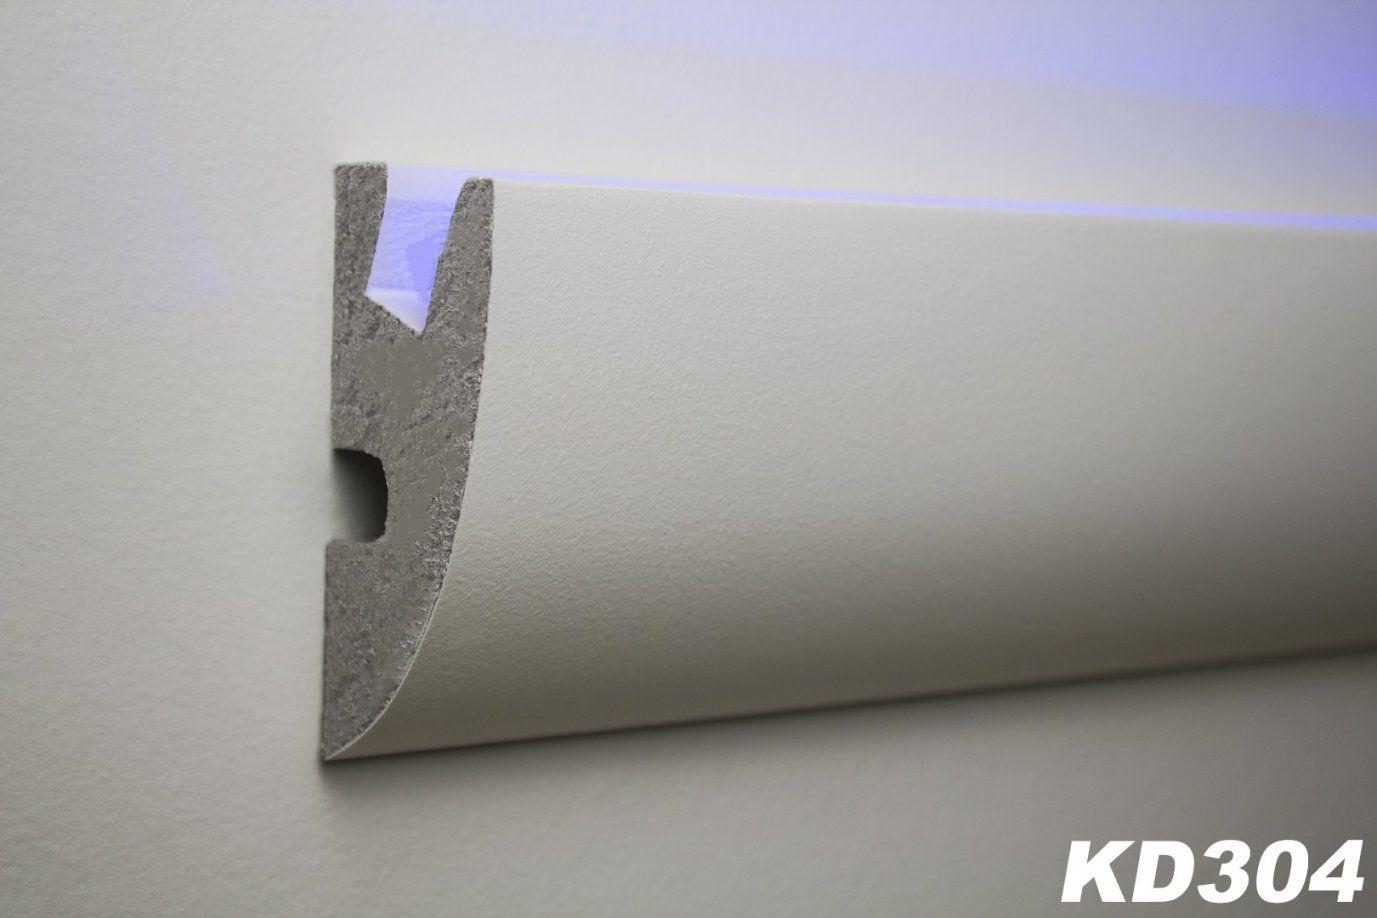 115 Meter Led Stuckleiste Für Indirekte Beleuchtung Xps 95X45 von Stuckleiste Für Indirekte Beleuchtung Photo